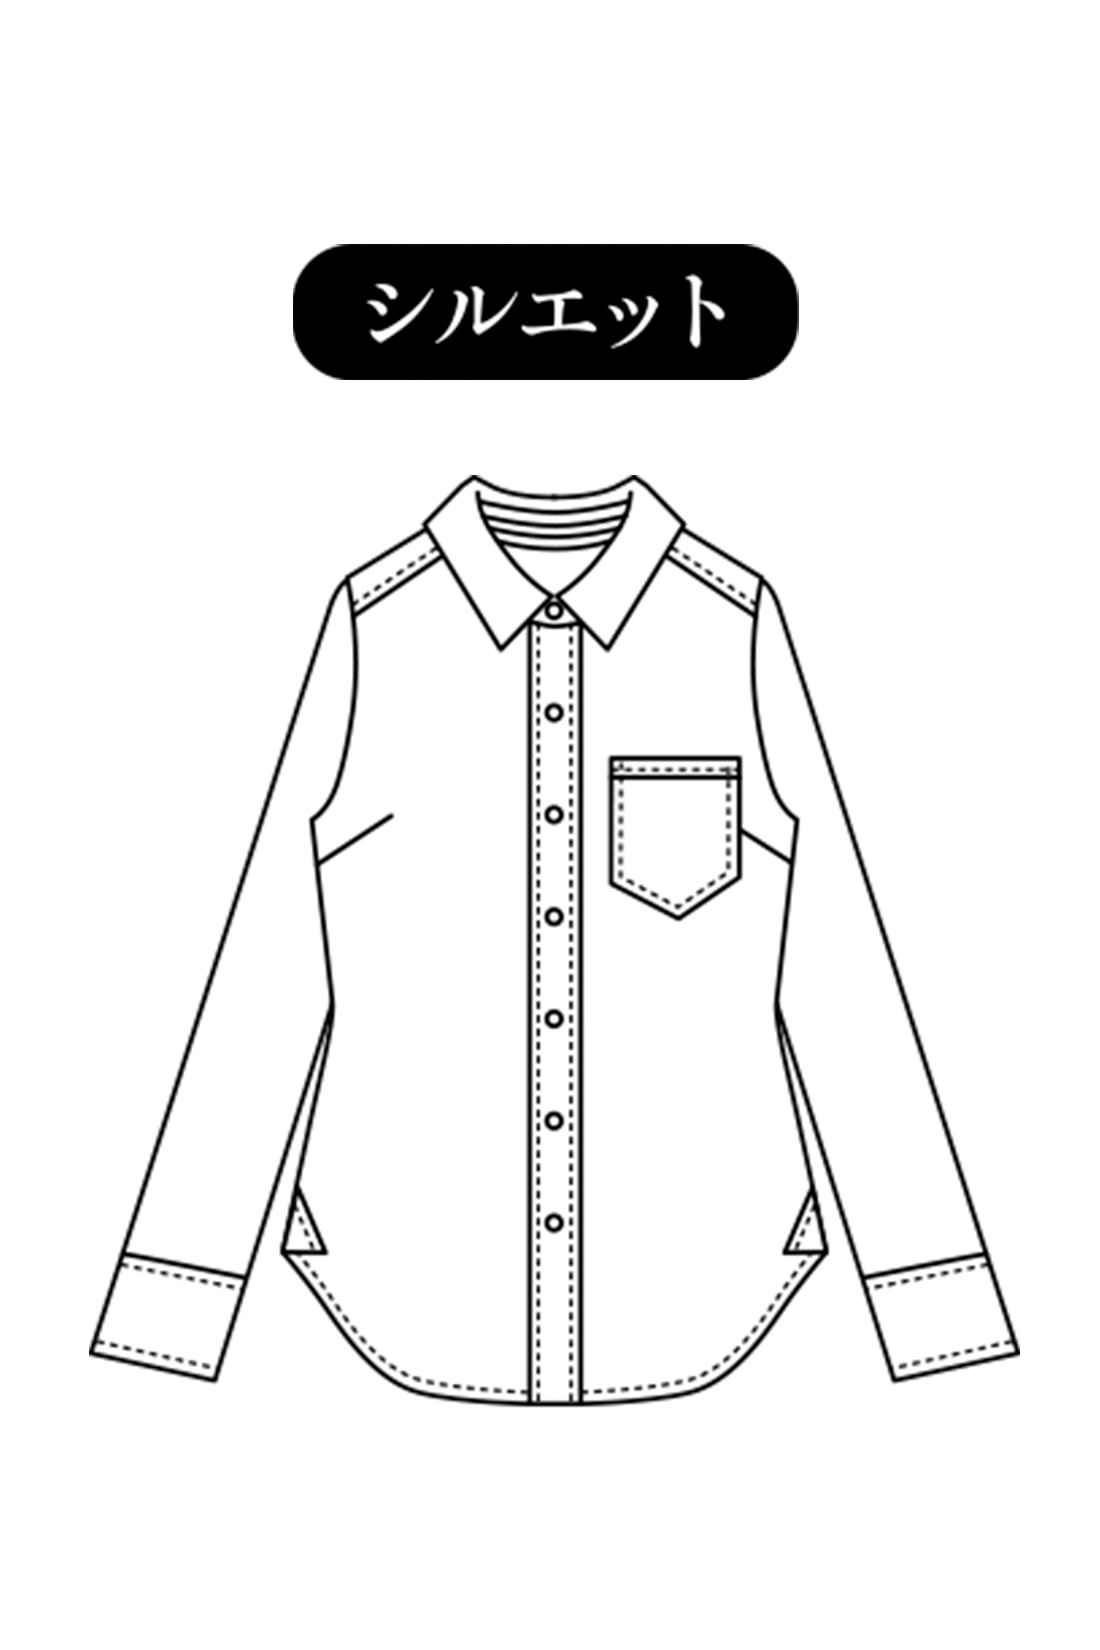 コンパクトな美シルエット ウエストが自然にシェイプするパターン設計で、袖を通すだけでからだがきれいに見えるシルエットを実現。 ※デザインは色により異なります。